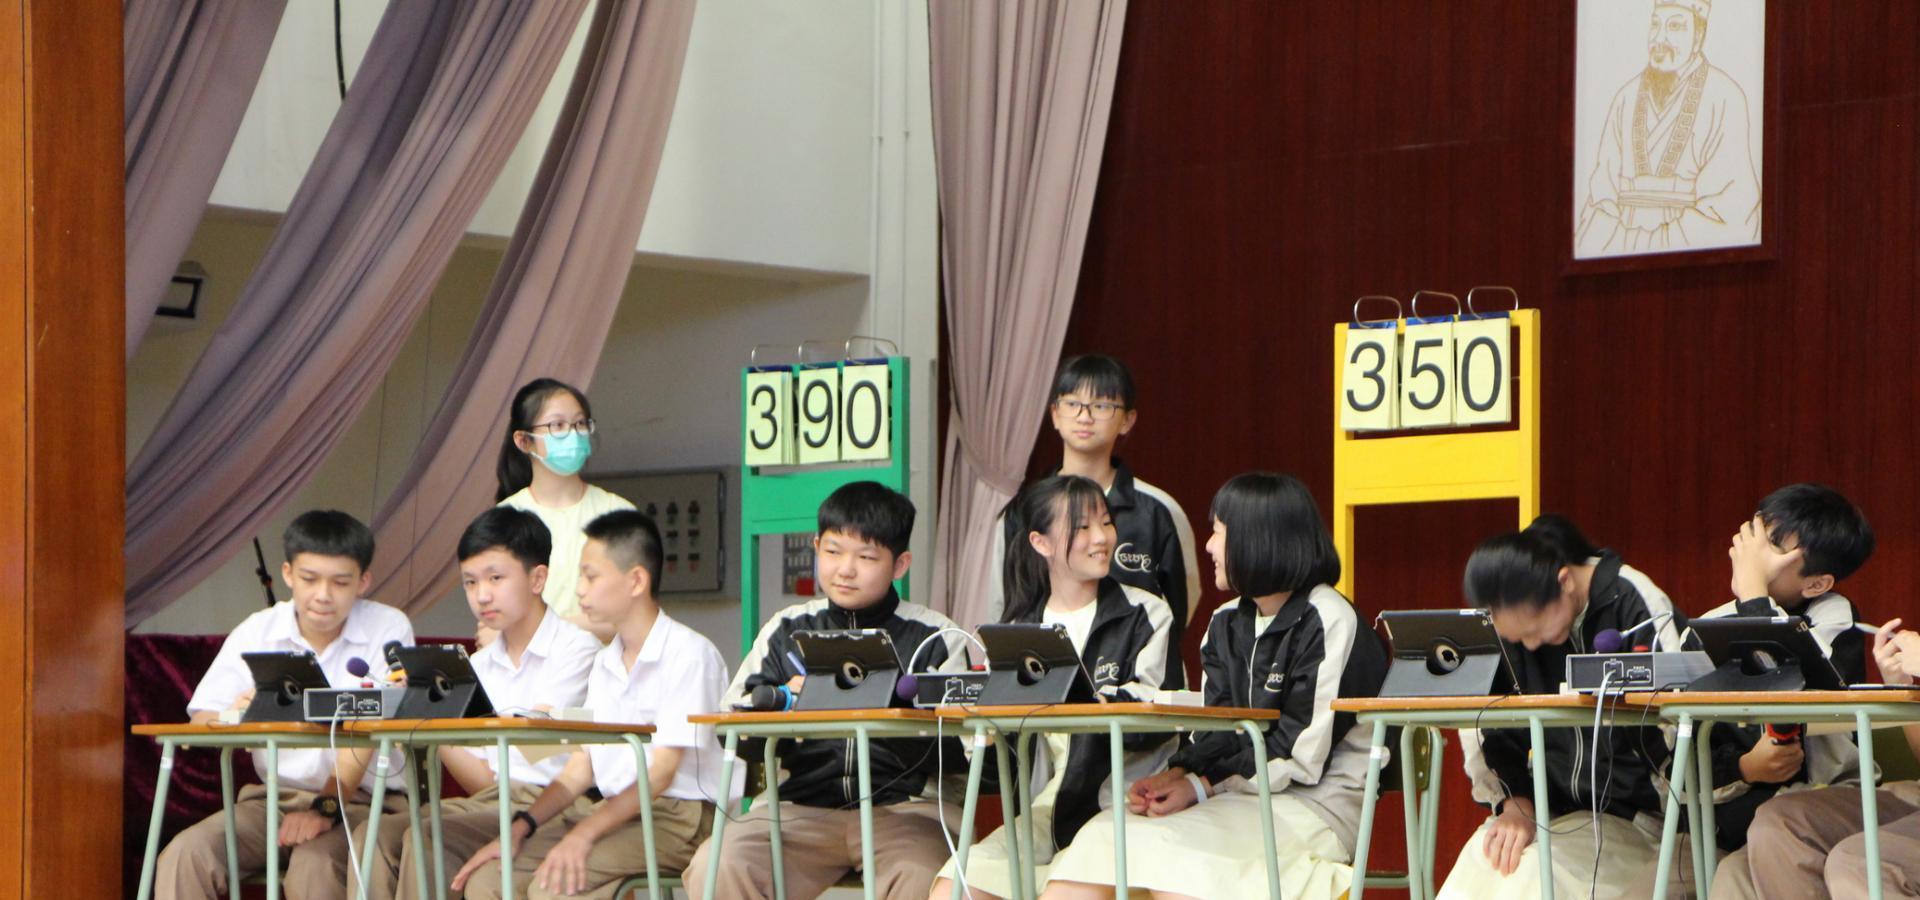 班際數學競技賽